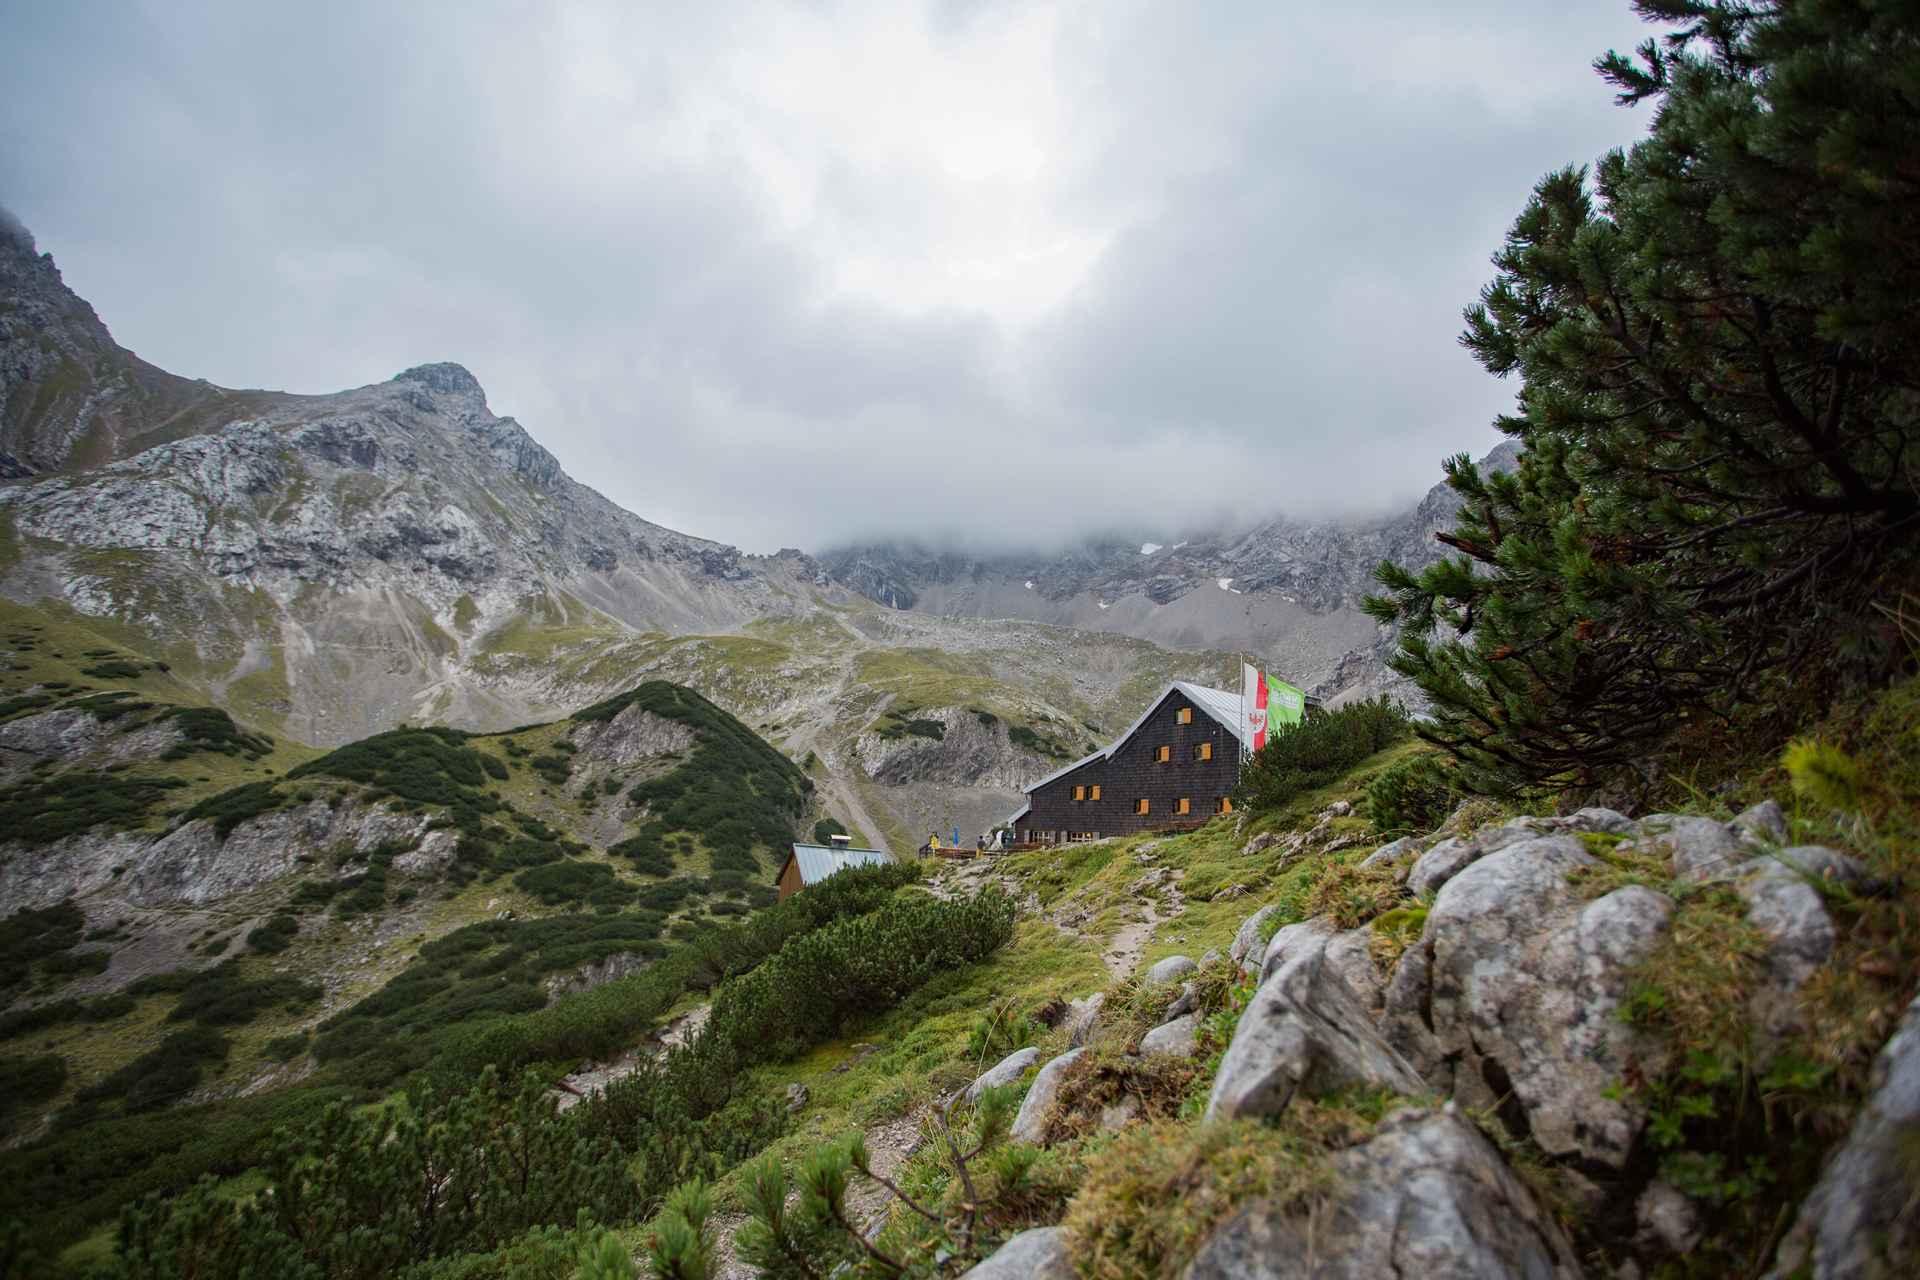 De Coburger Hütte is idyllisch gelegen tussen bos en bergen.